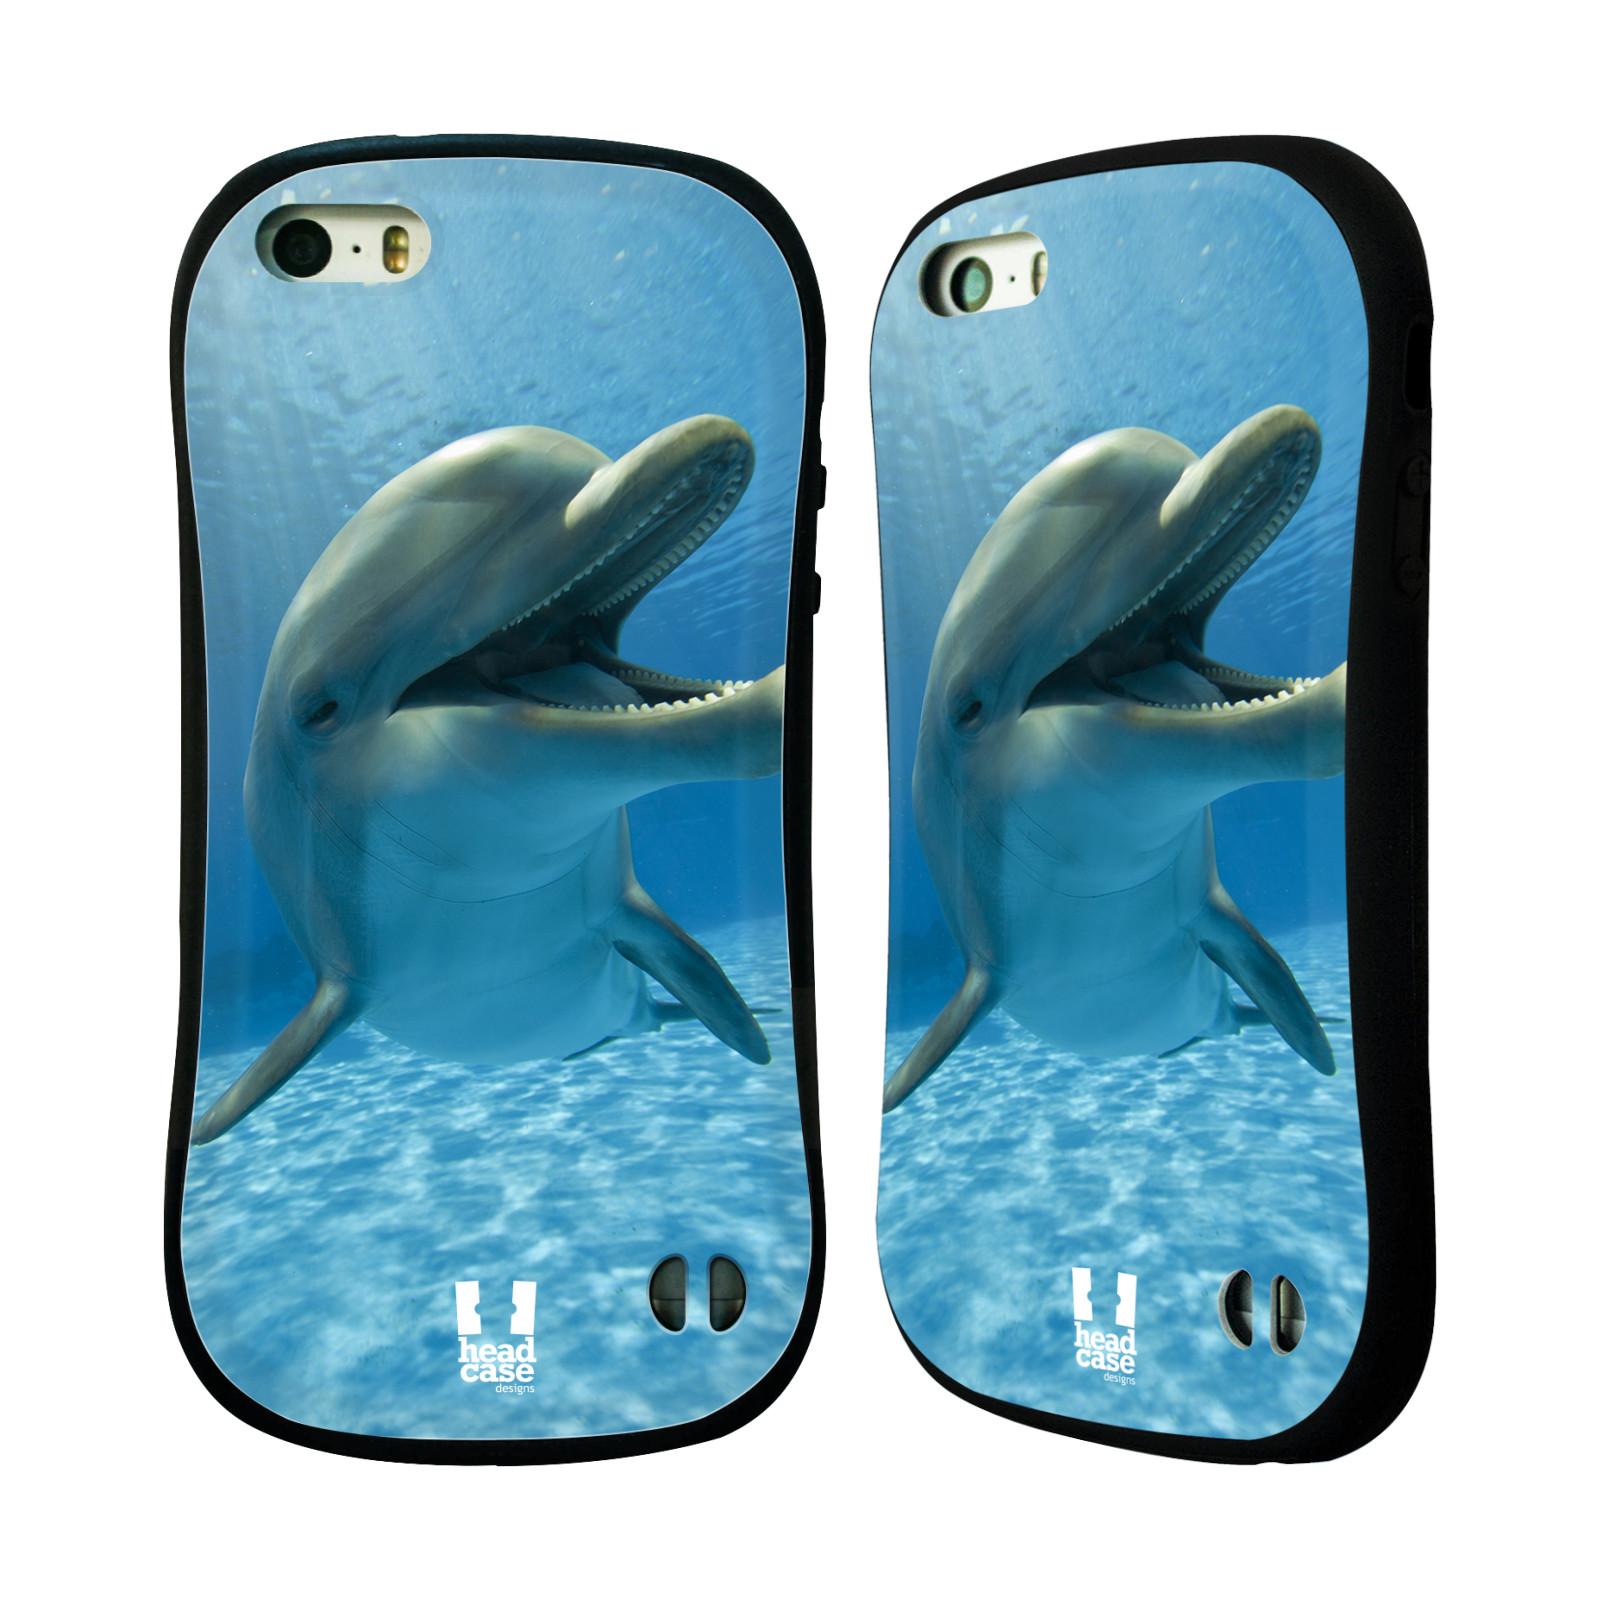 HEAD CASE silikon/plast odolný obal na mobil Apple Iphone 5/5S vzor Divočina, Divoký život a zvířata foto MODRÁ DELFÍN